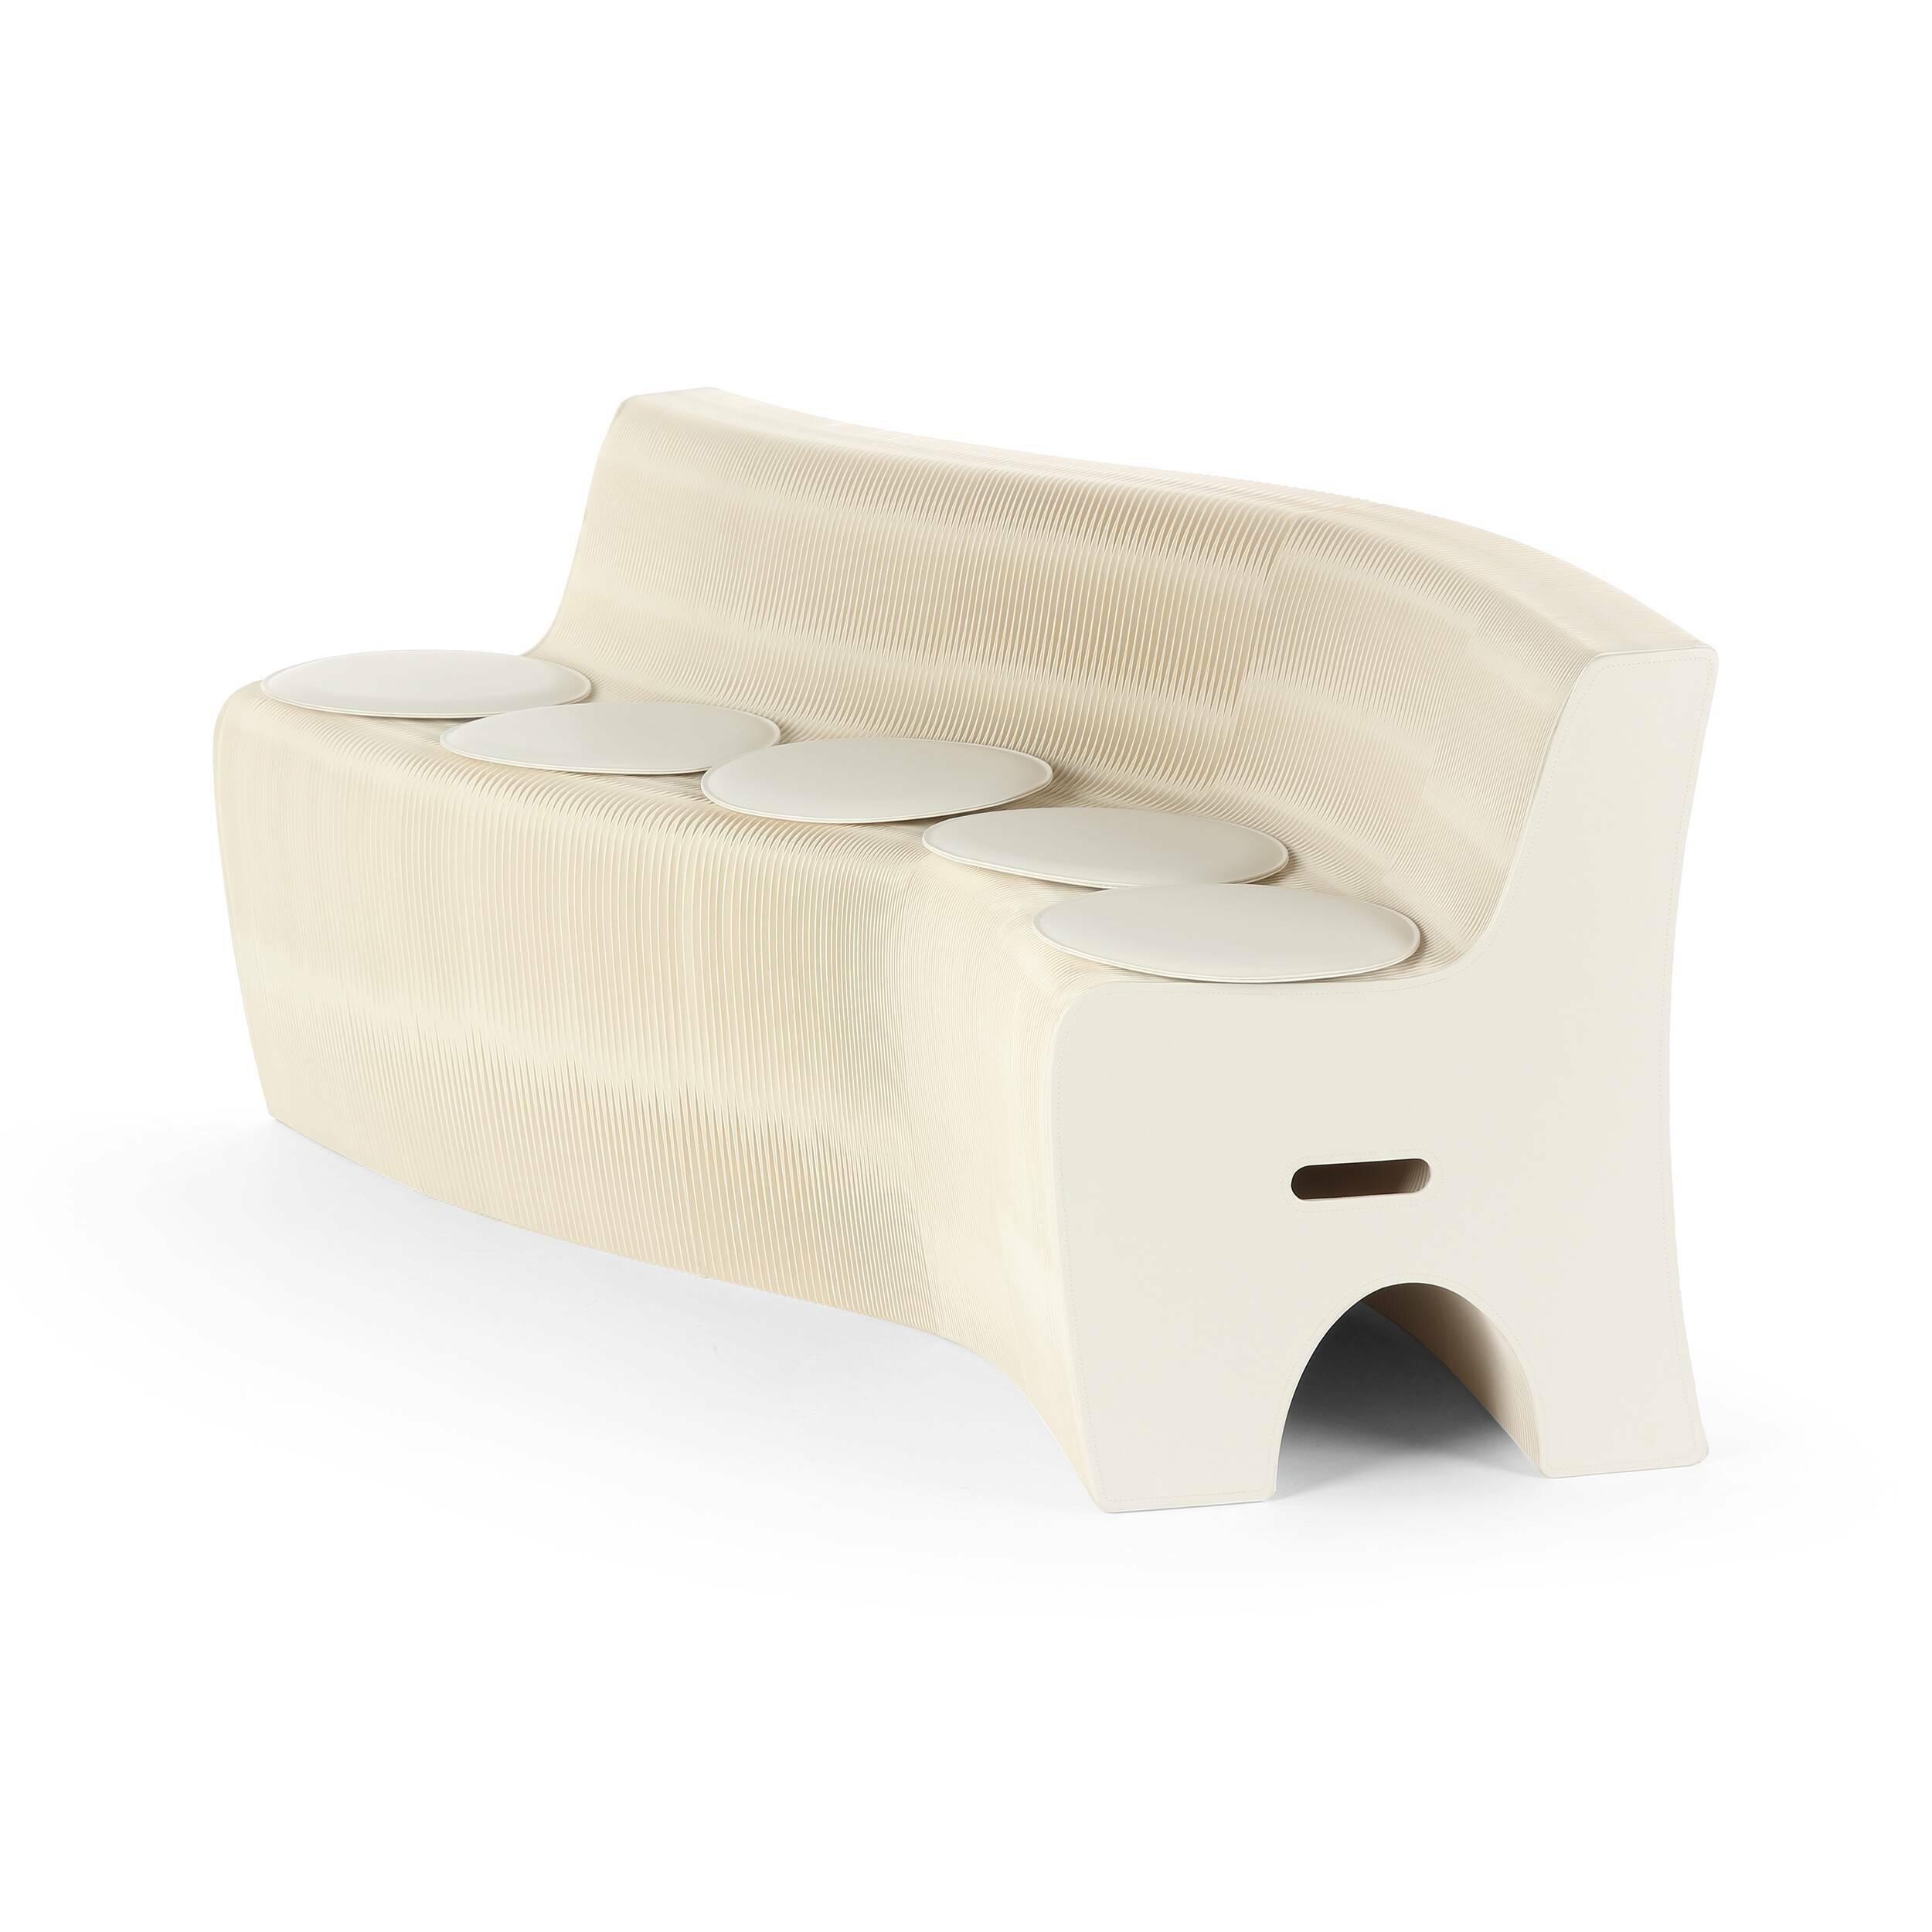 Диван бумажный на 6 персонТрехместные<br>Диван бумажный на 6 персон — это уникальное творение, созданное выдающимися дизайнерами и способное украсить собой любой современный интерьер. Изделию можно придать самую разную длину и форму — прекрасная возможность каждый день придавать домашнему интерьеру совершенно новый, свежий и интересный вид.<br><br><br> Такая мебель сделана из самой настоящей бумаги, но она совершенно не боится больших нагрузок и влаги. Мастера особым образом прессуют бумагу и пропитывают ее специальным водоотталкиваю...<br><br>stock: 5<br>Высота: 65<br>Глубина: 53<br>Длина: 12-300<br>Материал каркаса: Бумага<br>Цвет каркаса: Белый